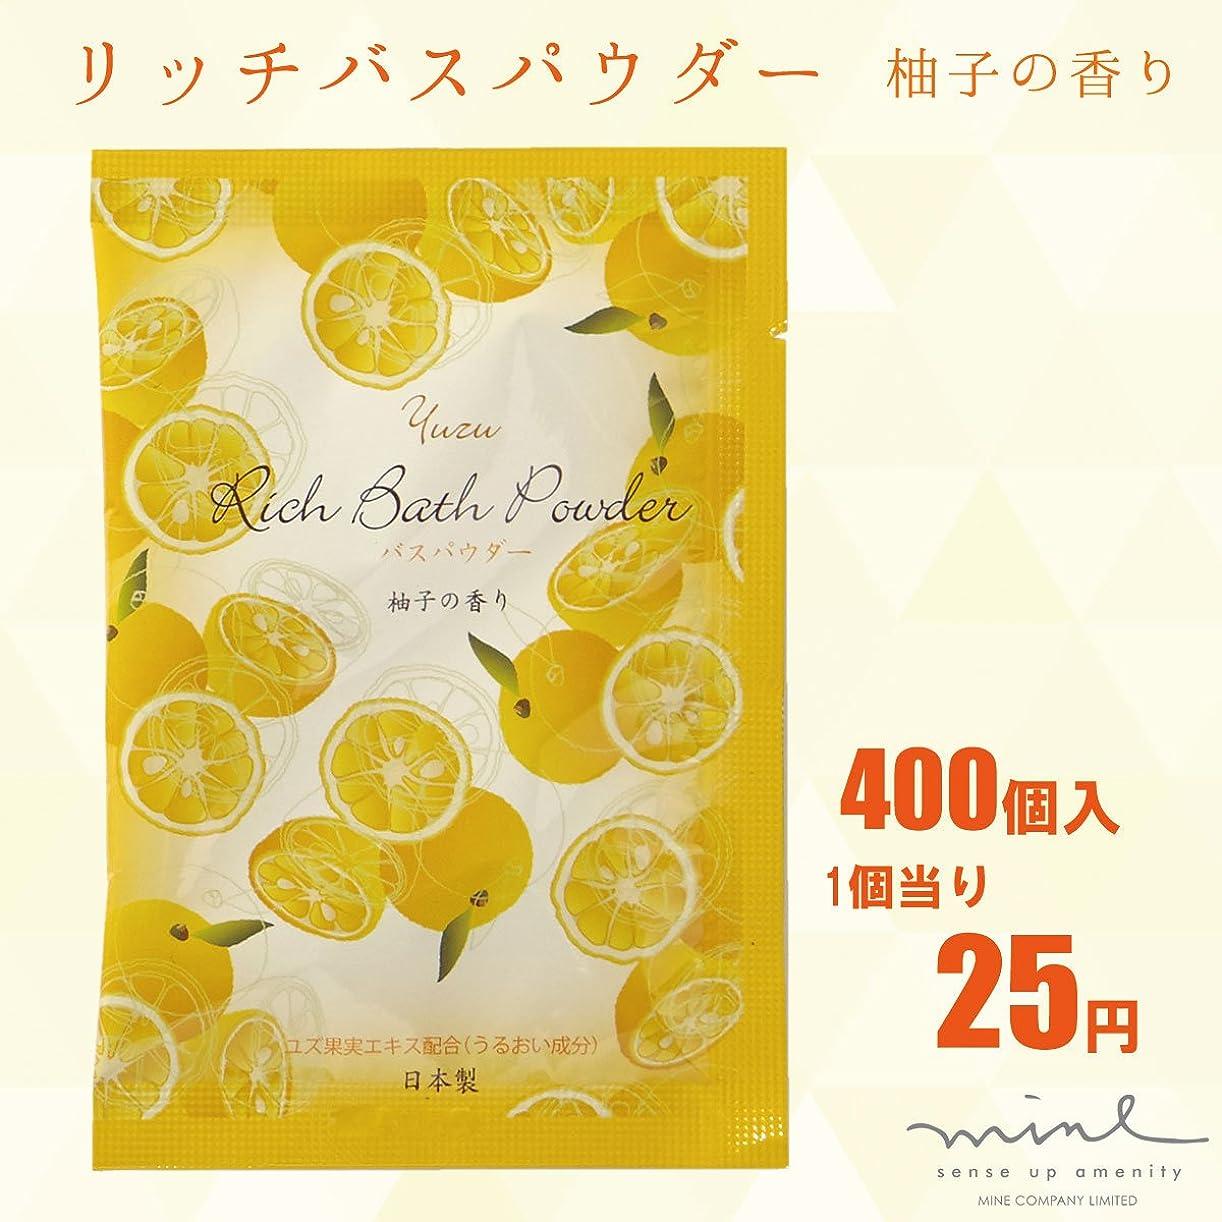 同様に敬な交渉するリッチバスパウダー20g 柚子の香り × 400個